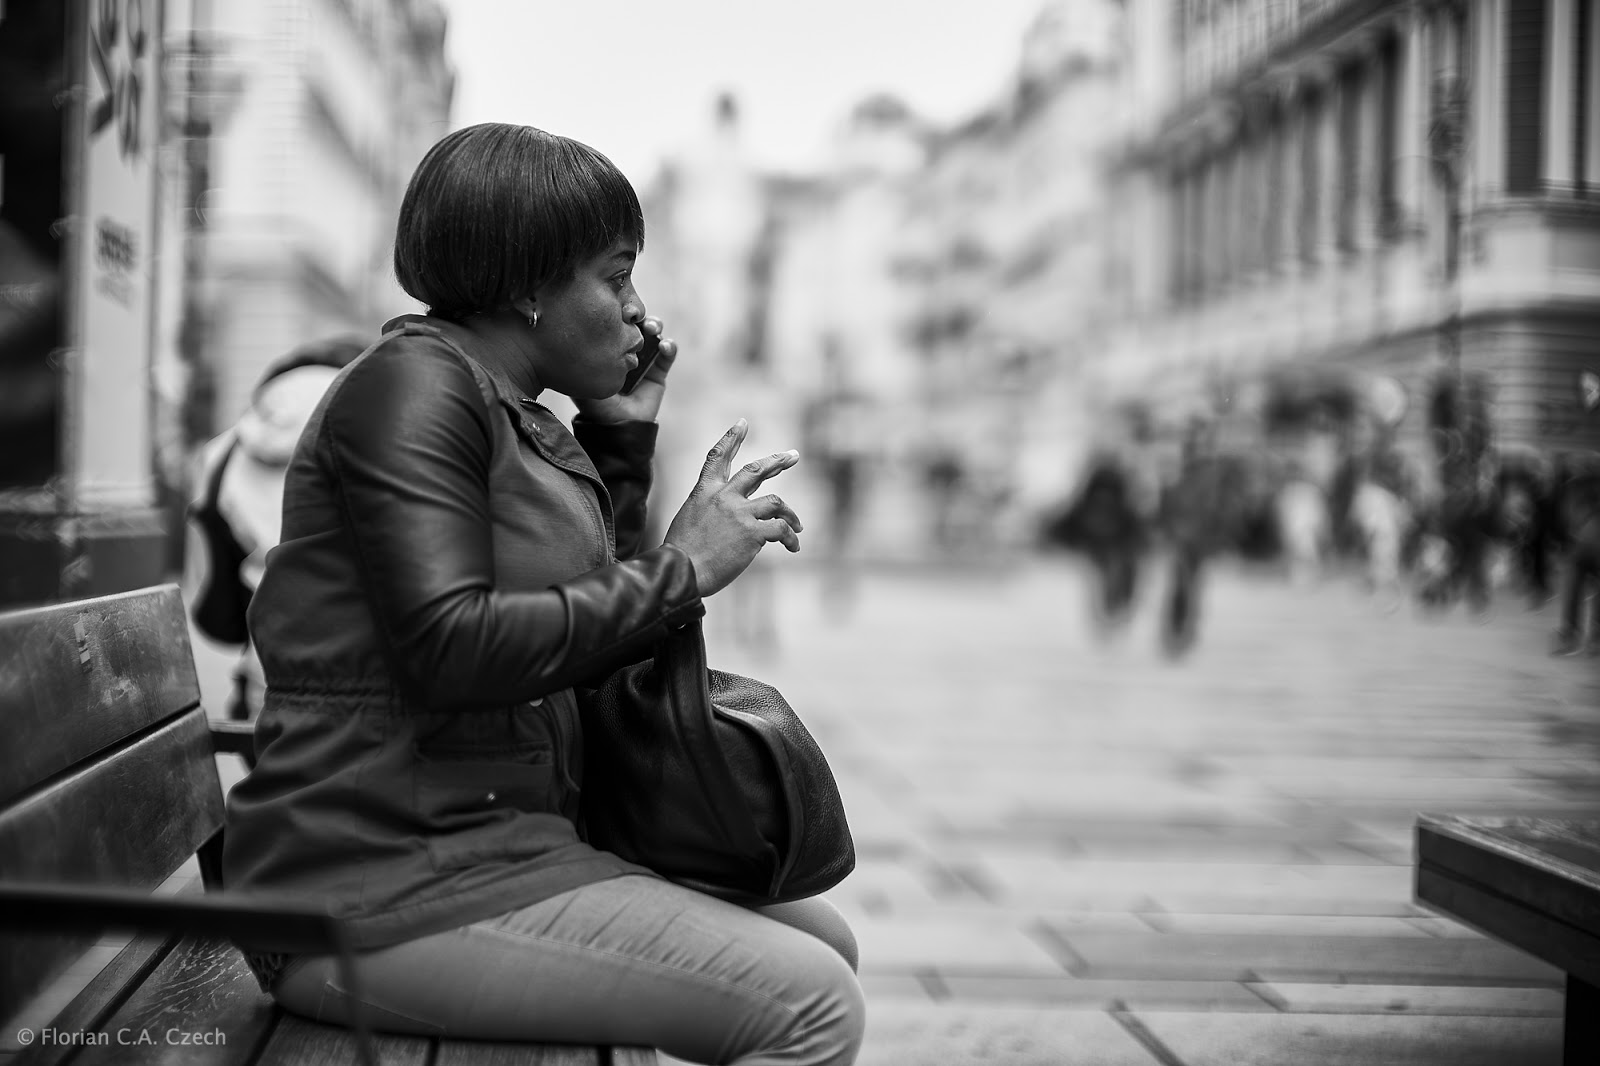 Frau sitzt auf einer Bank und telefonier